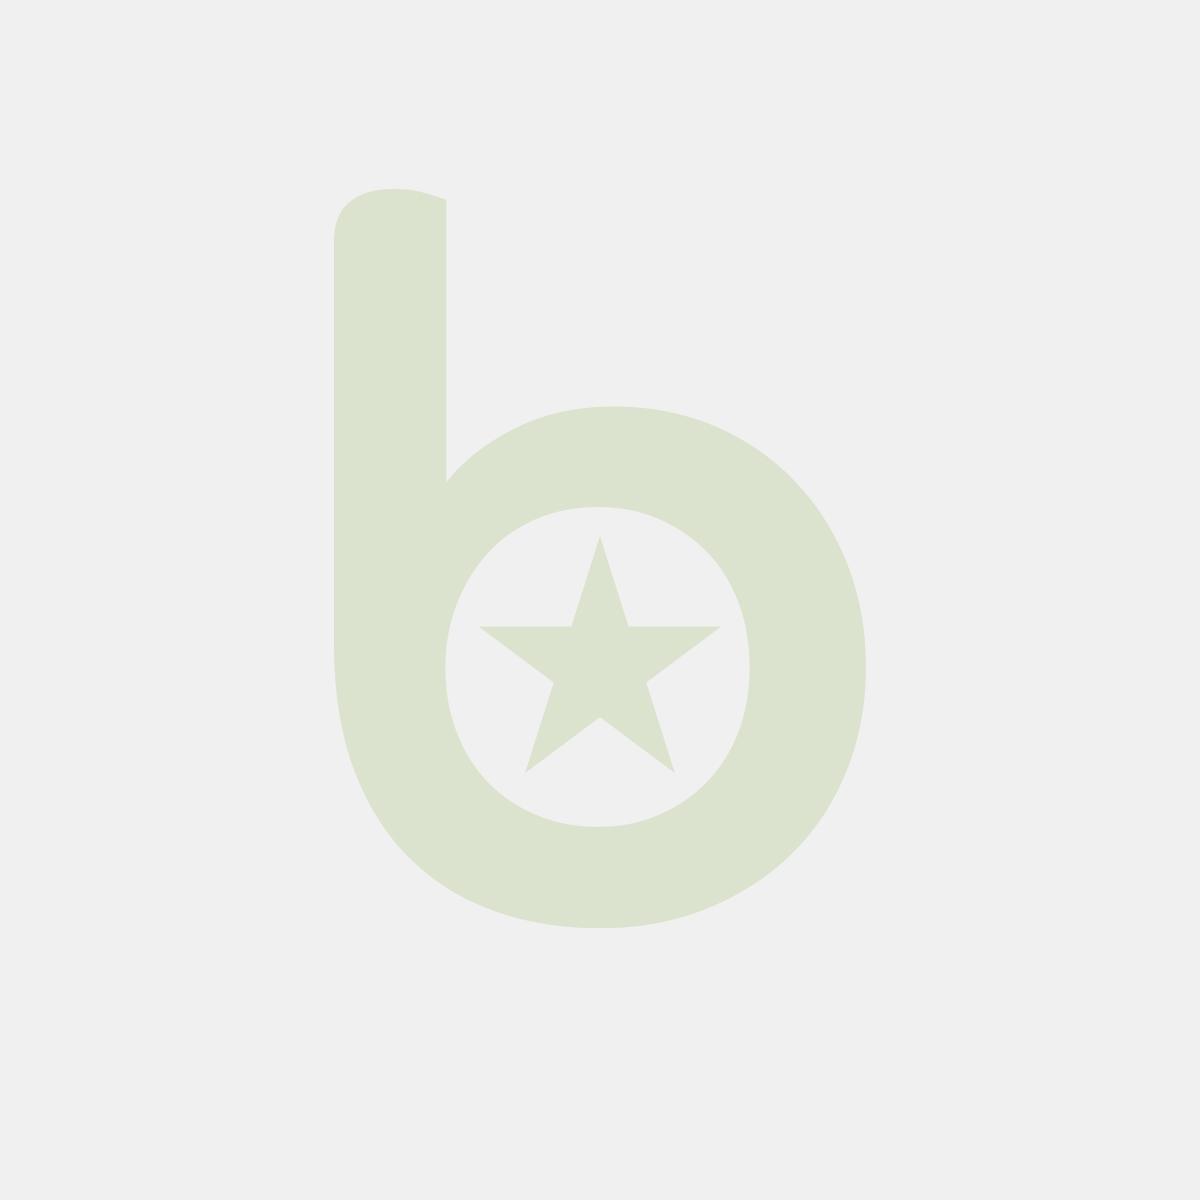 Długopis automatyczny SCHNEIDER Haptify, M, zielony/jasnoniebieski